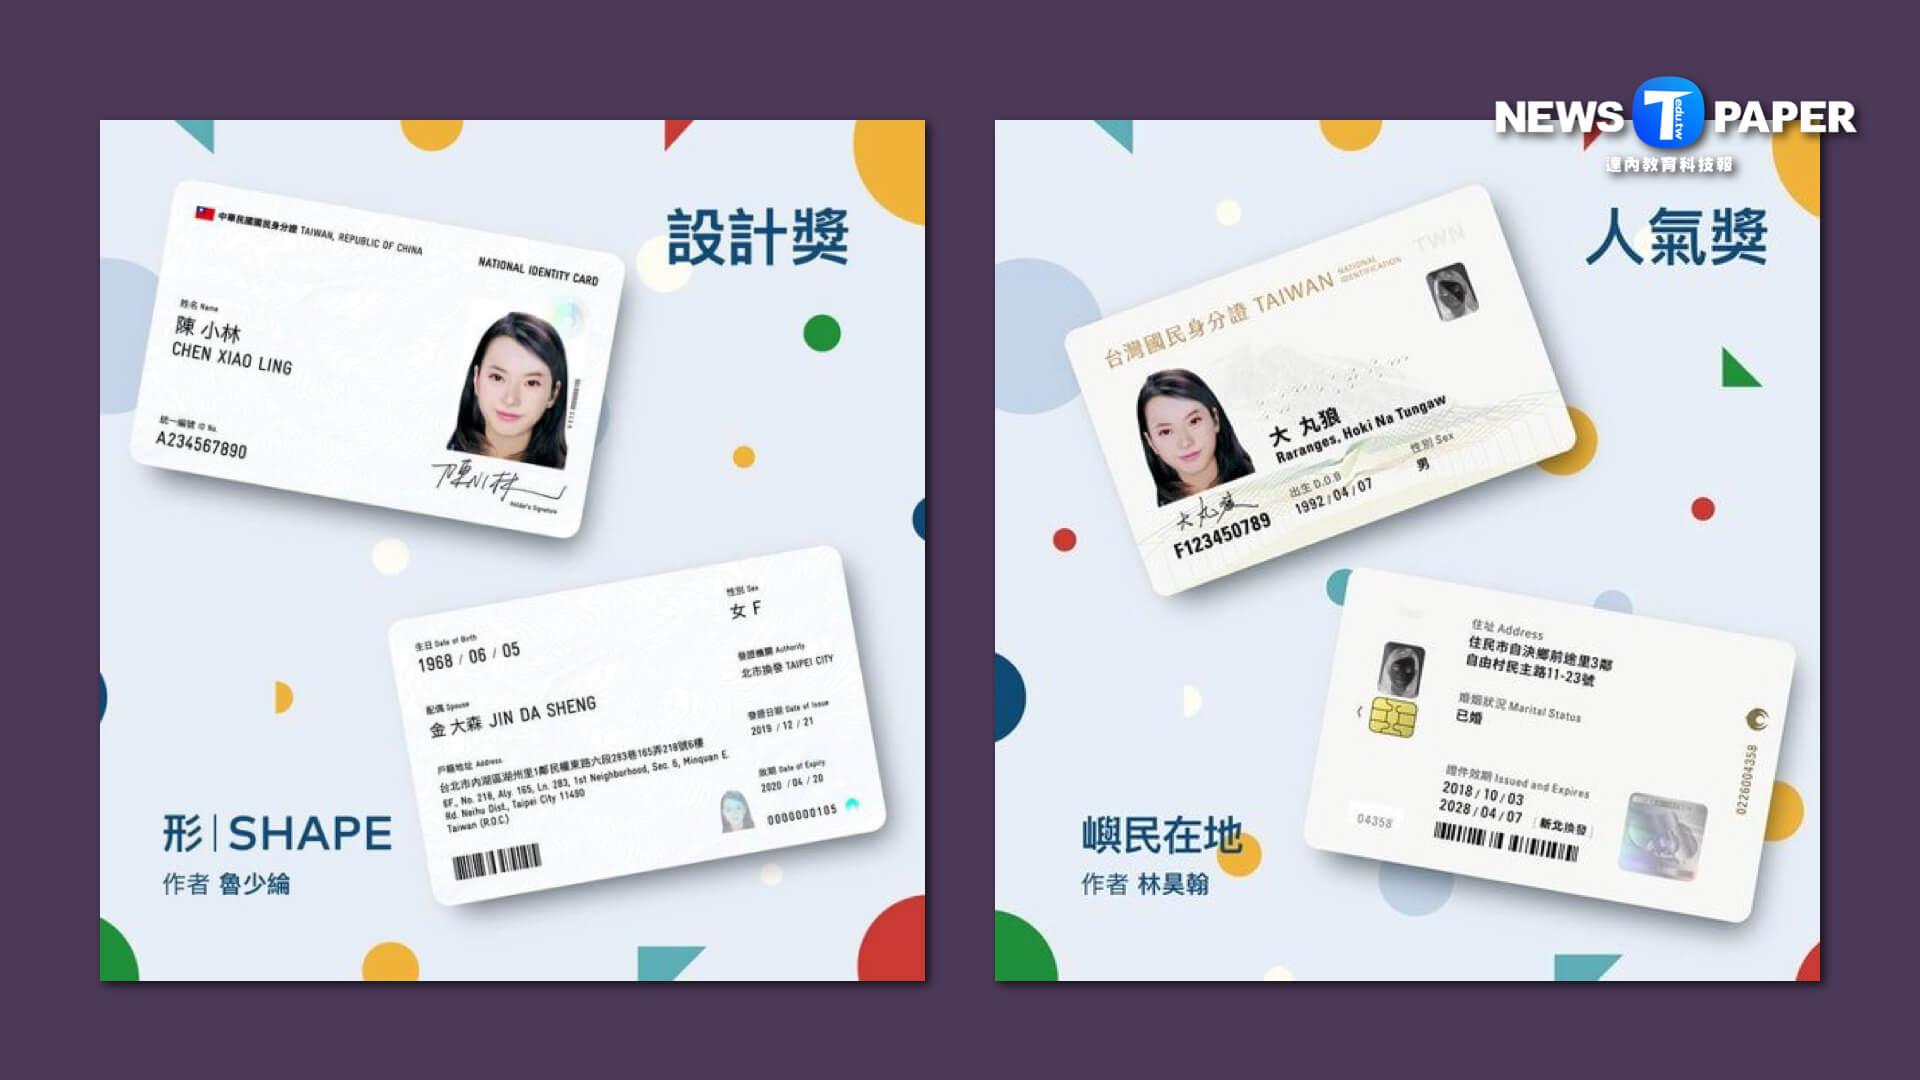 新身分證得獎做品:左圖為設計獎、右圖為人氣獎